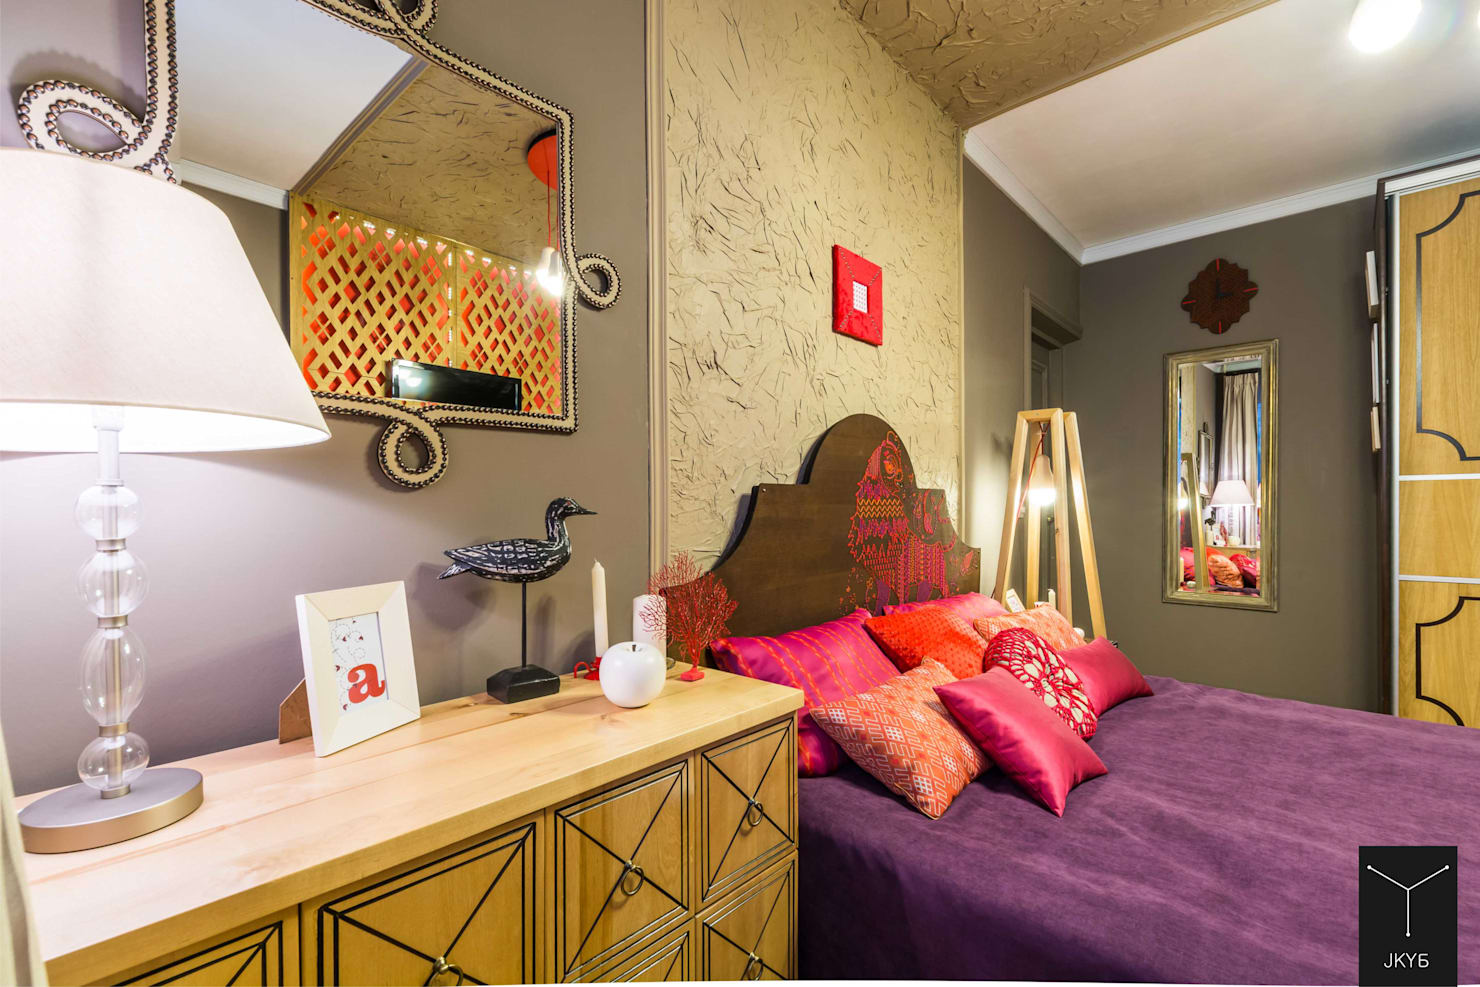 12 модных идей для дизайна стен в спальне- фотографии